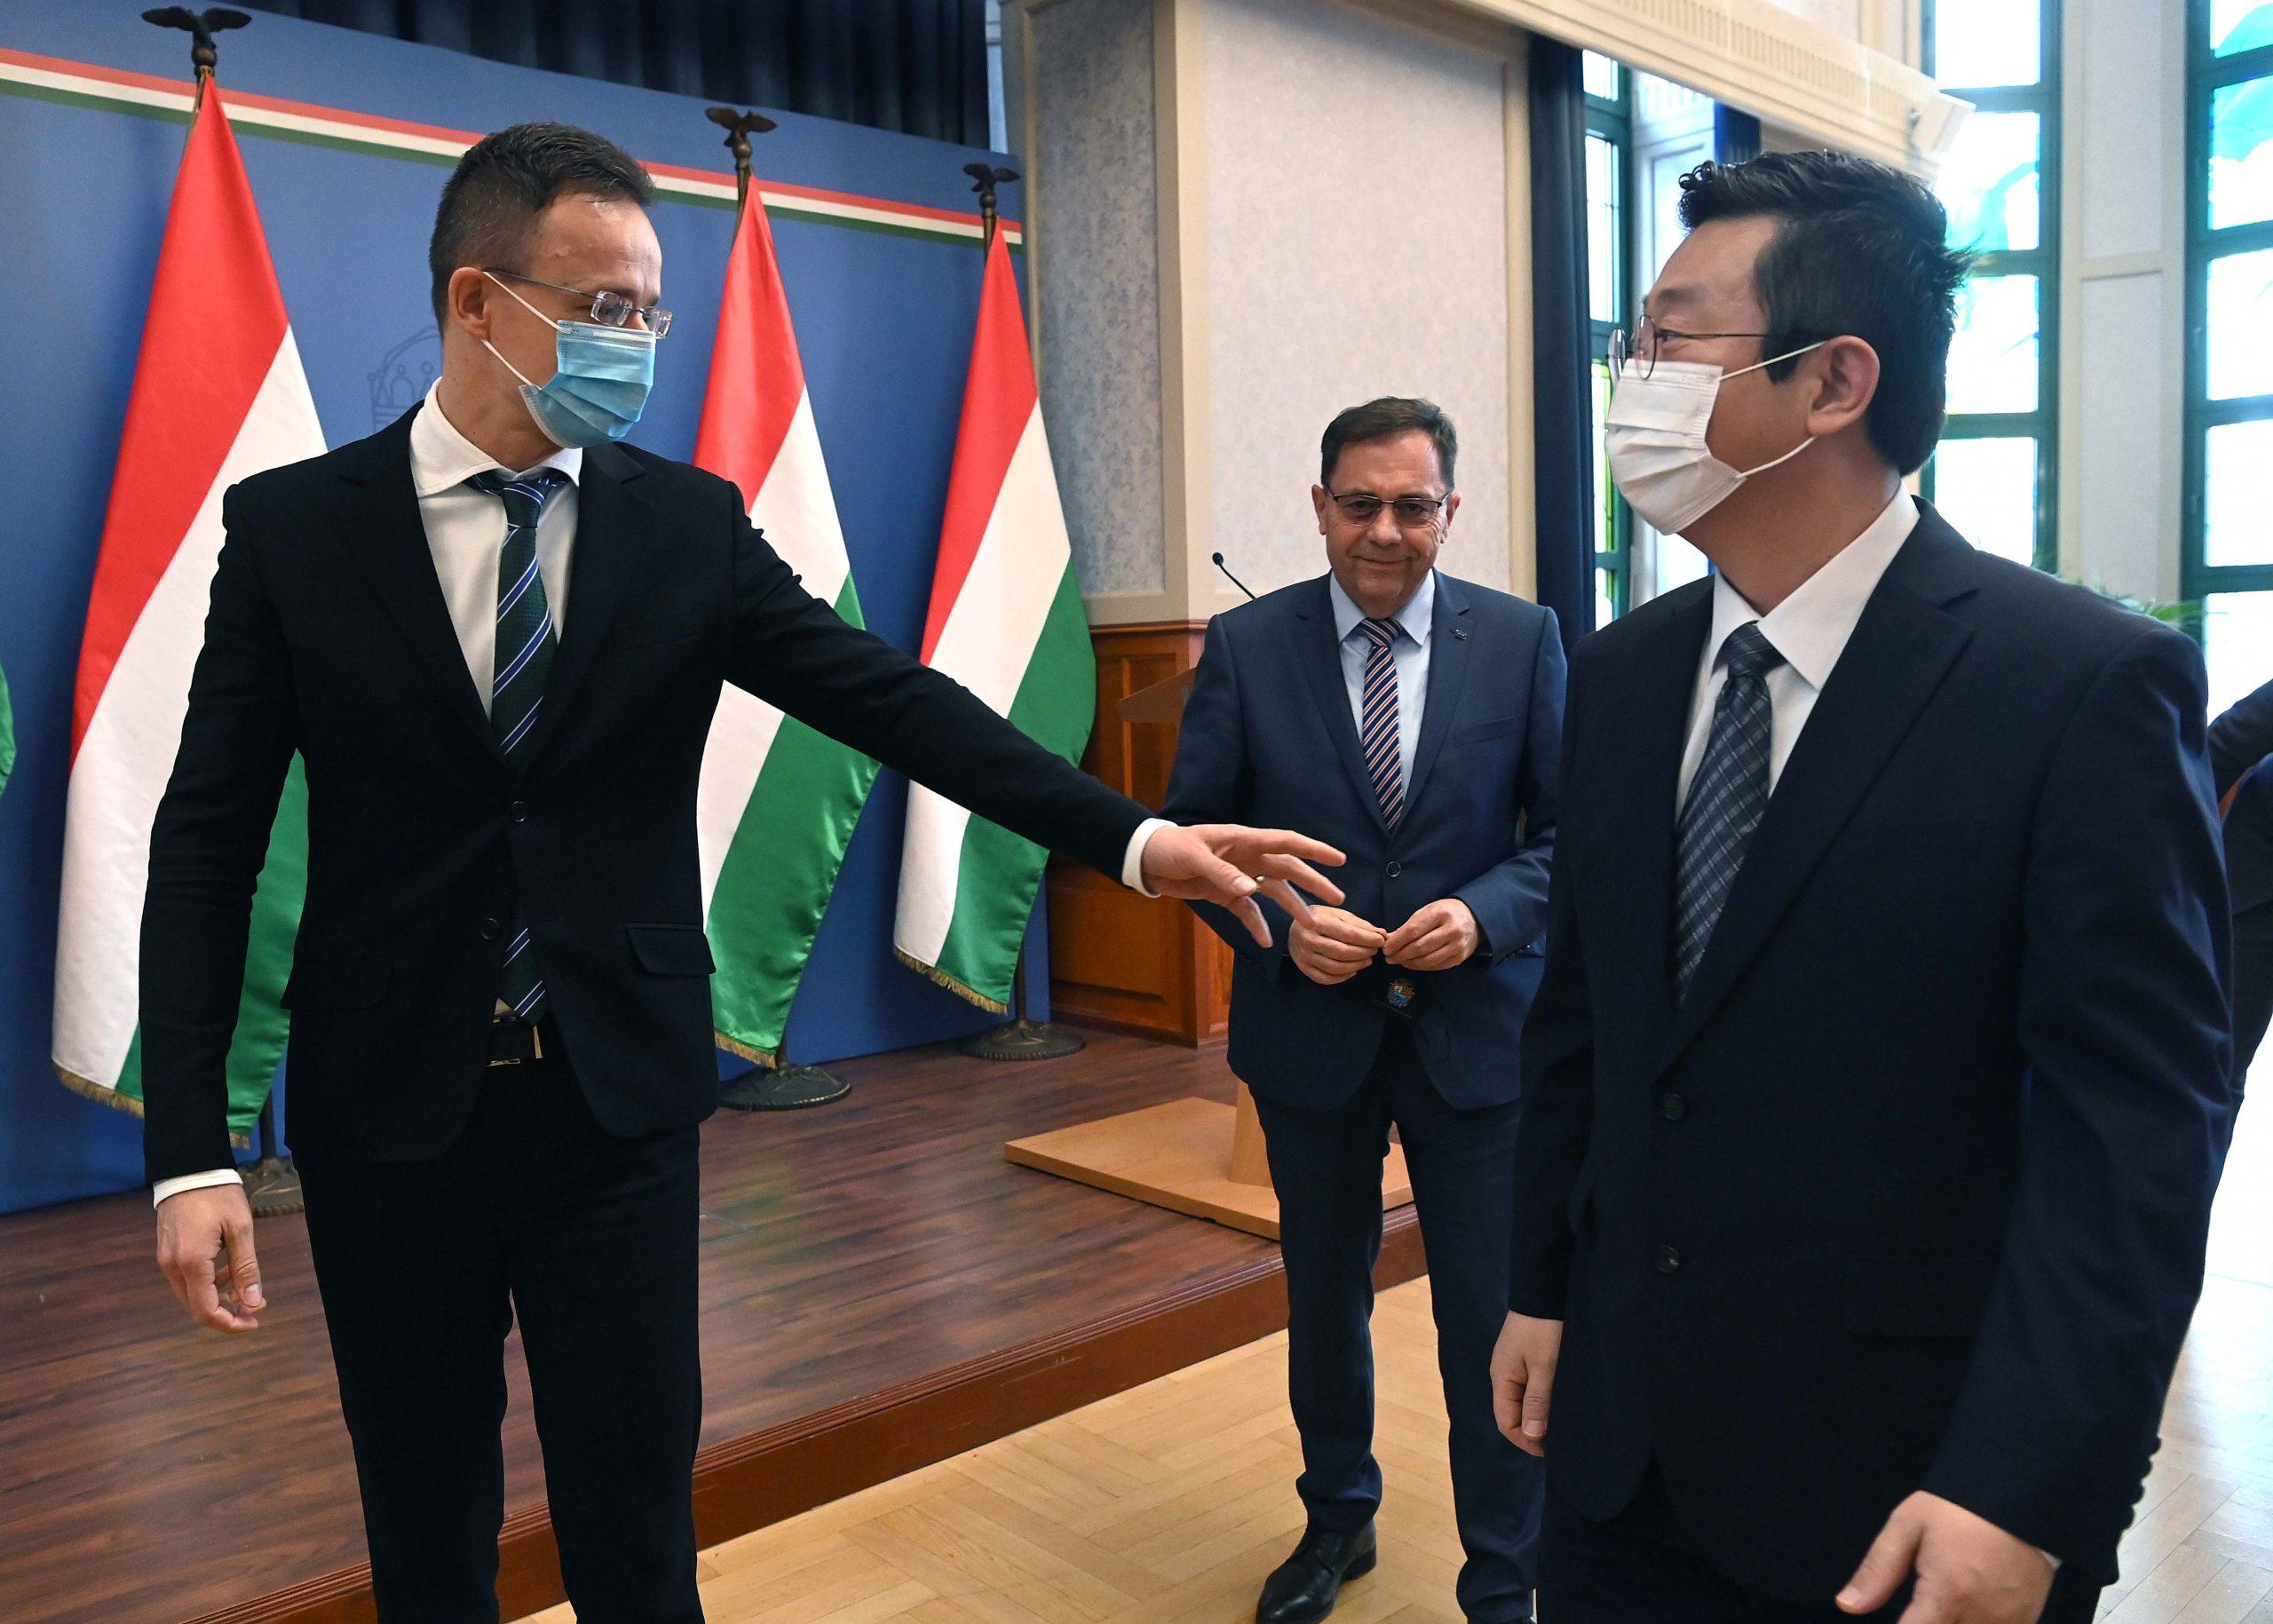 Sangsin investiert 10,5 Mrd. HUF in die Erweiterung der ungarischen Basis